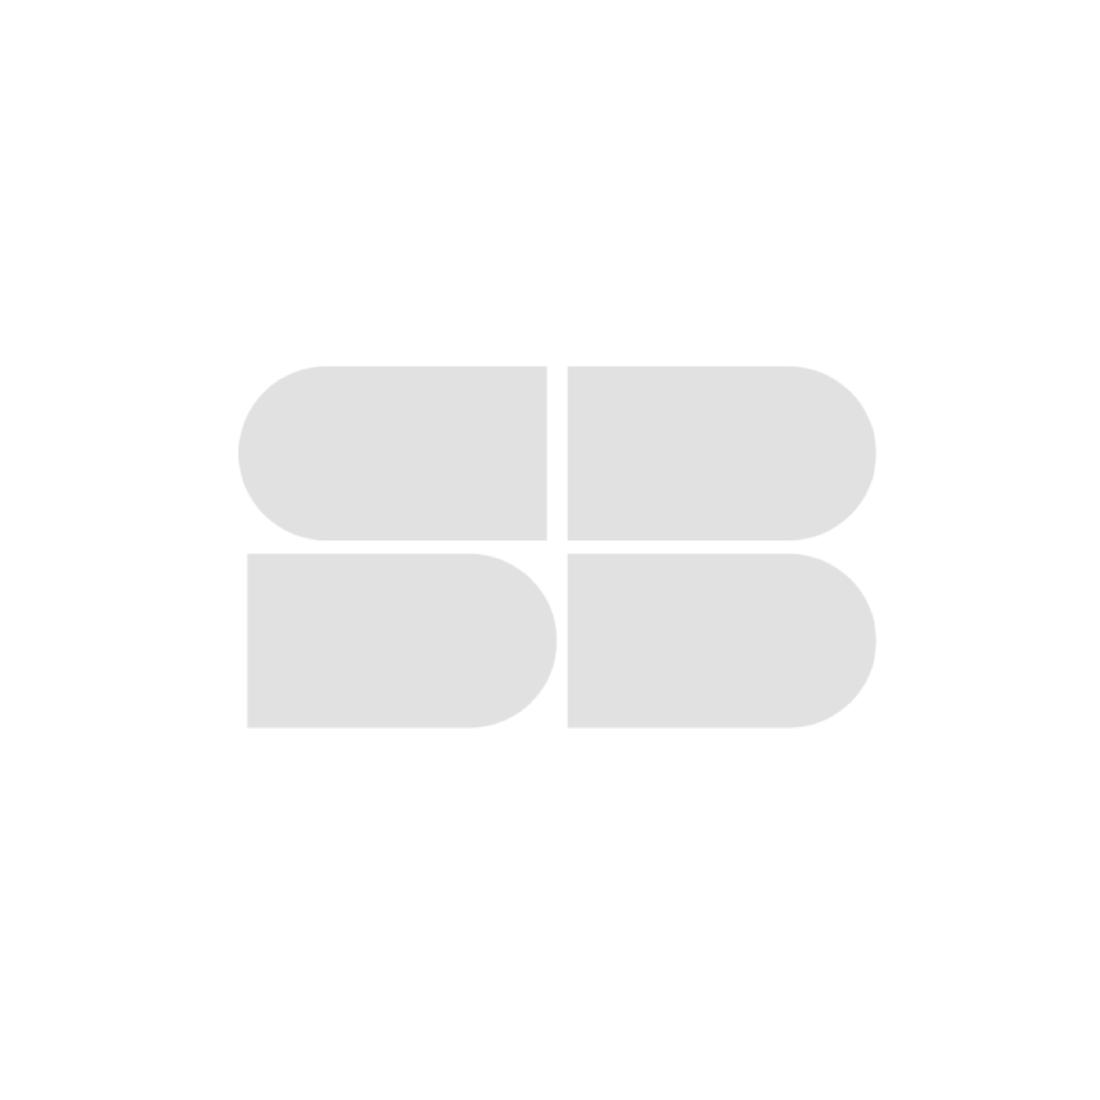 ที่นอน พ็อกเก็ตสปริง  ฟูก Restonic : Sb Design Square